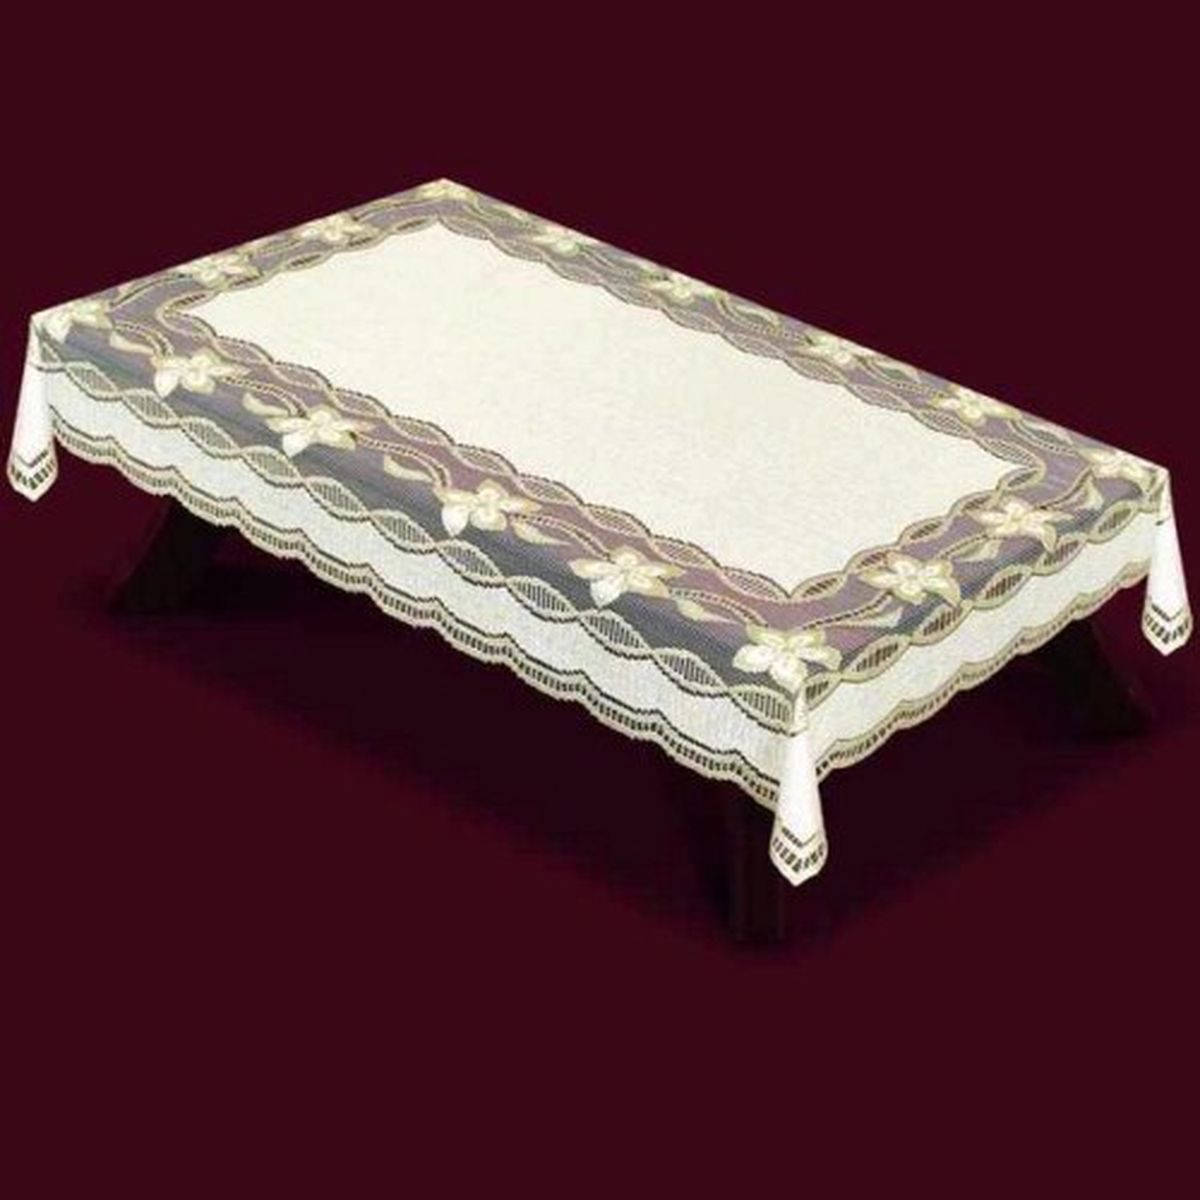 Скатерть Haft, прямоугольная, цвет: кремовый, золотистый, 150x 300 см. 42950-15042950-150Великолепная прямоугольная скатерть Haft, выполненная из полиэстера, органично впишется в интерьер любого помещения, а оригинальный дизайн удовлетворит даже самый изысканный вкус. Скатерть изготовлена из сетчатого материала с ажурным цветочным рисунком. Края скатерти ажурные.Скатерть Haft создаст праздничное настроение и станет прекрасным дополнением интерьера гостиной, кухни или столовой.